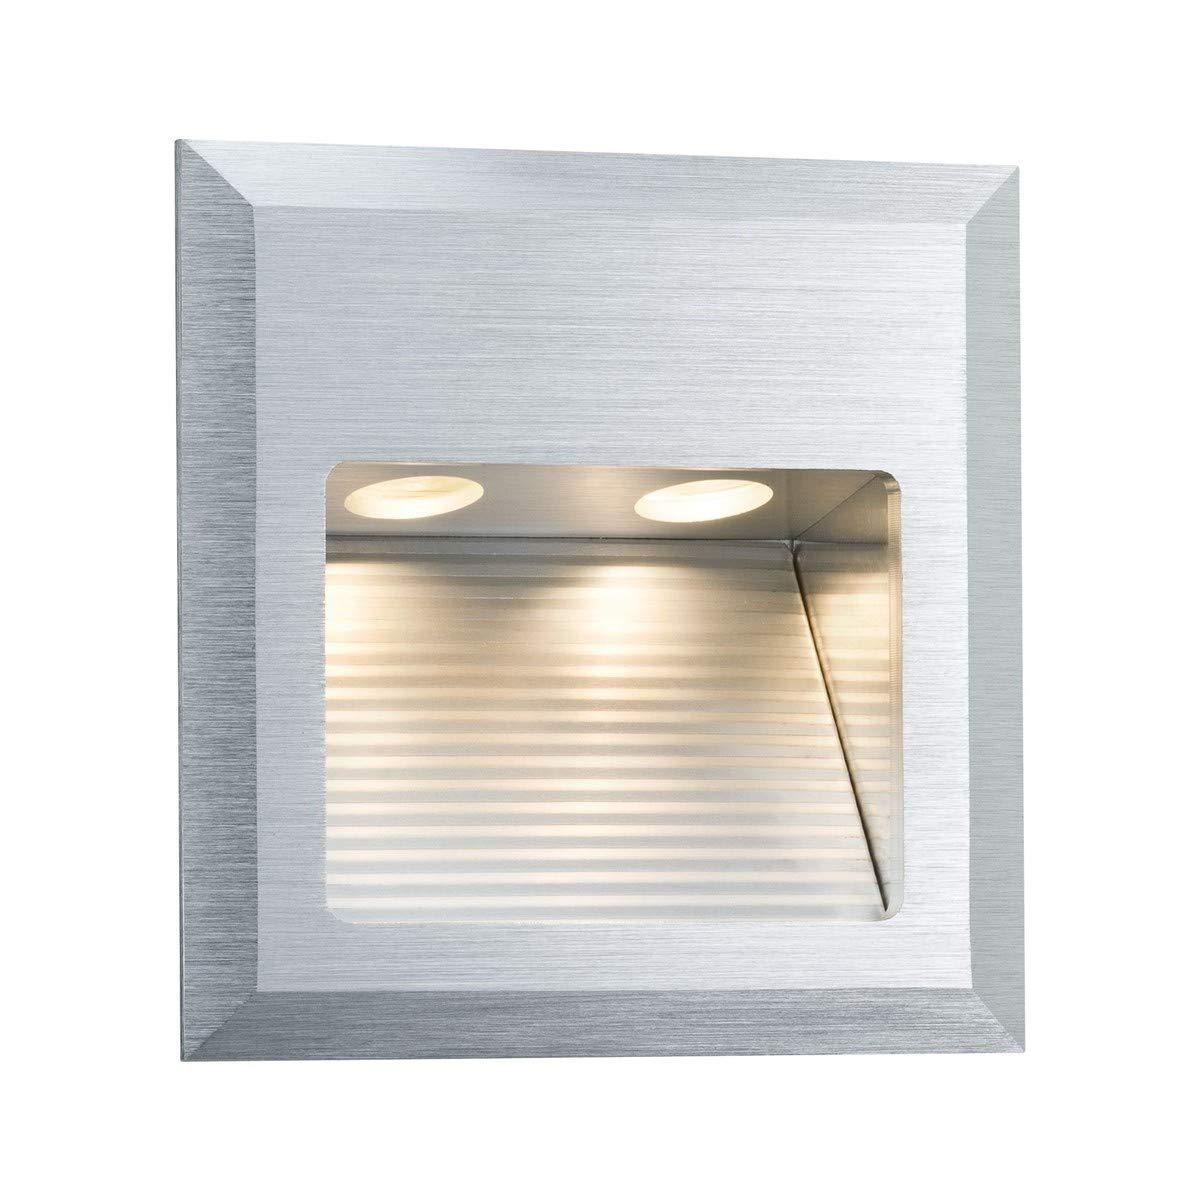 Paulmann 93753 Wandeinbauleuchte Special Line Quadro Einbaustrahler Alu gebürstet Wandspot 1er Set 1x2W 230V 350 mA 3VA Lampe inkl. Leuchtmittel Außenwandeinbauleuchte, Aluminium, Integriert, 2 W, Silber